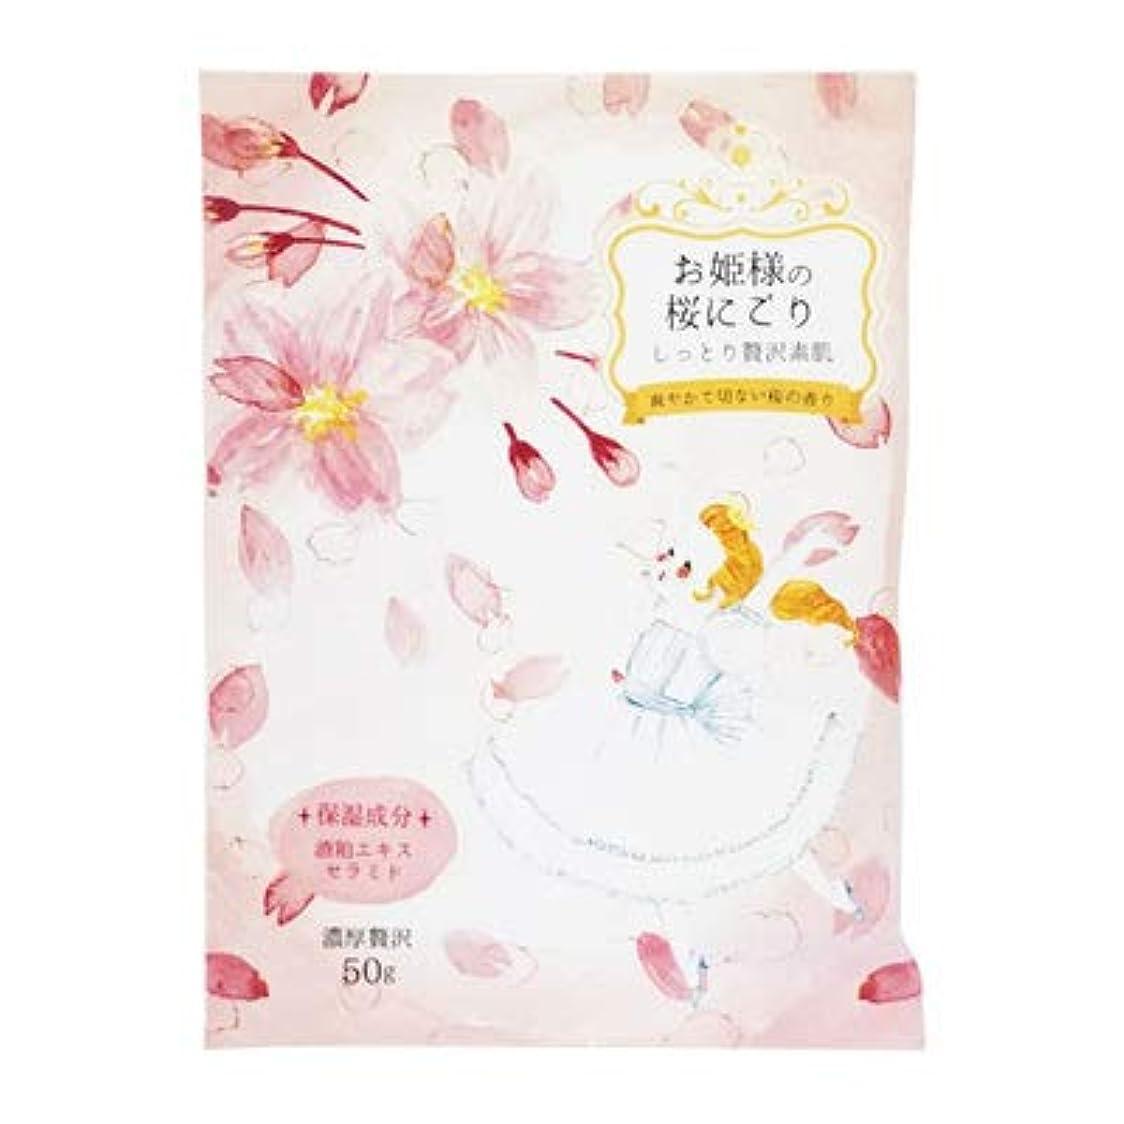 気がついて名詞ディスパッチ紀陽除虫菊 入浴剤 お姫様風呂 桜にごり